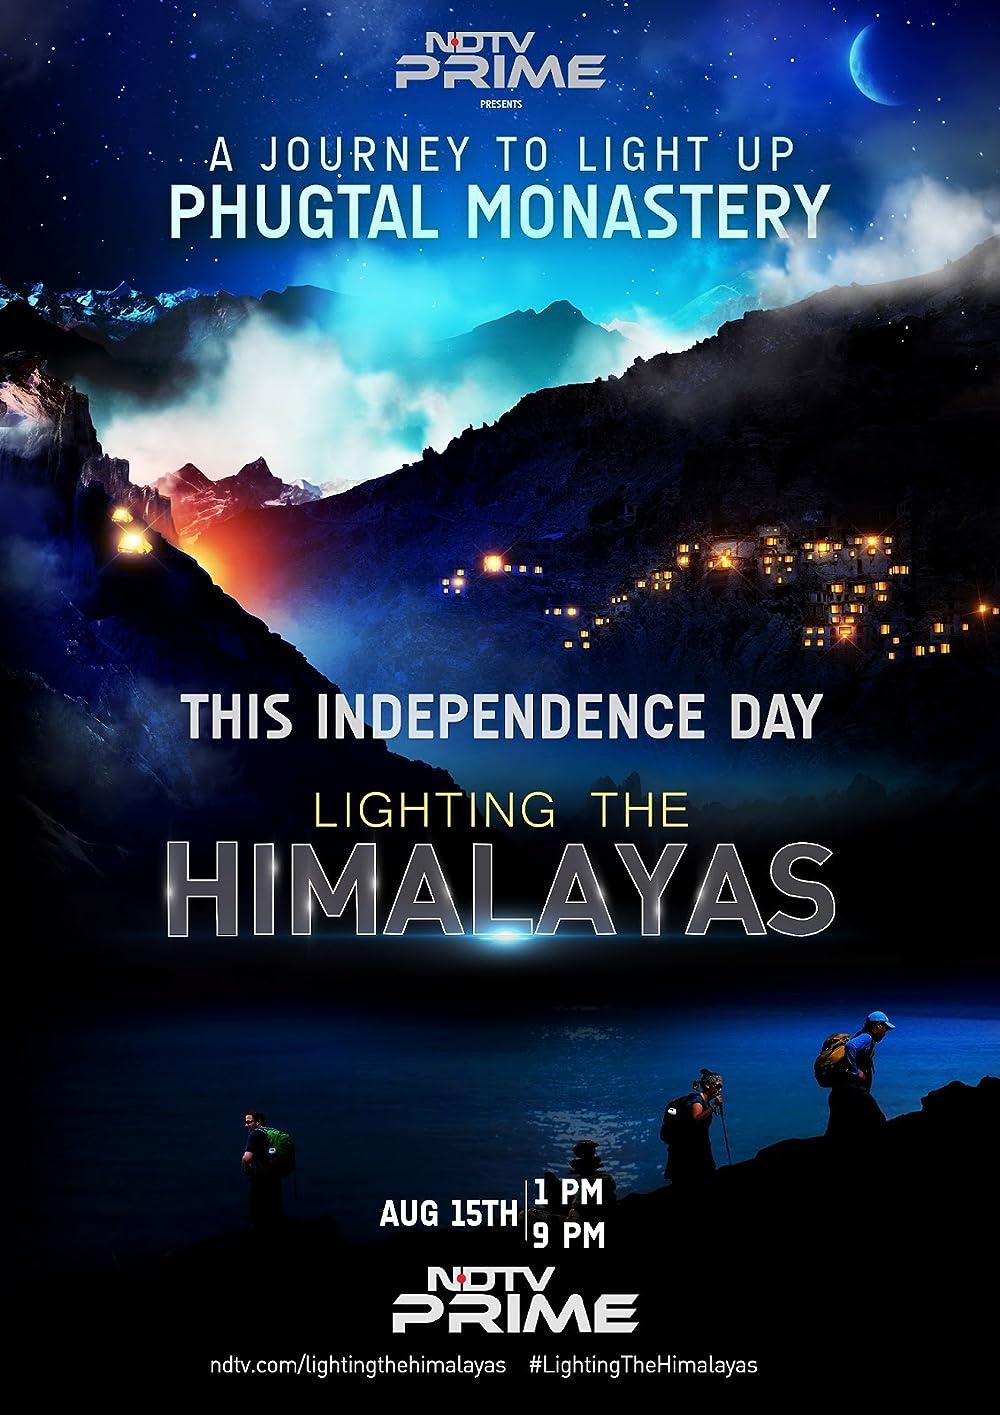 Lighting the Himalayas 2016 2016